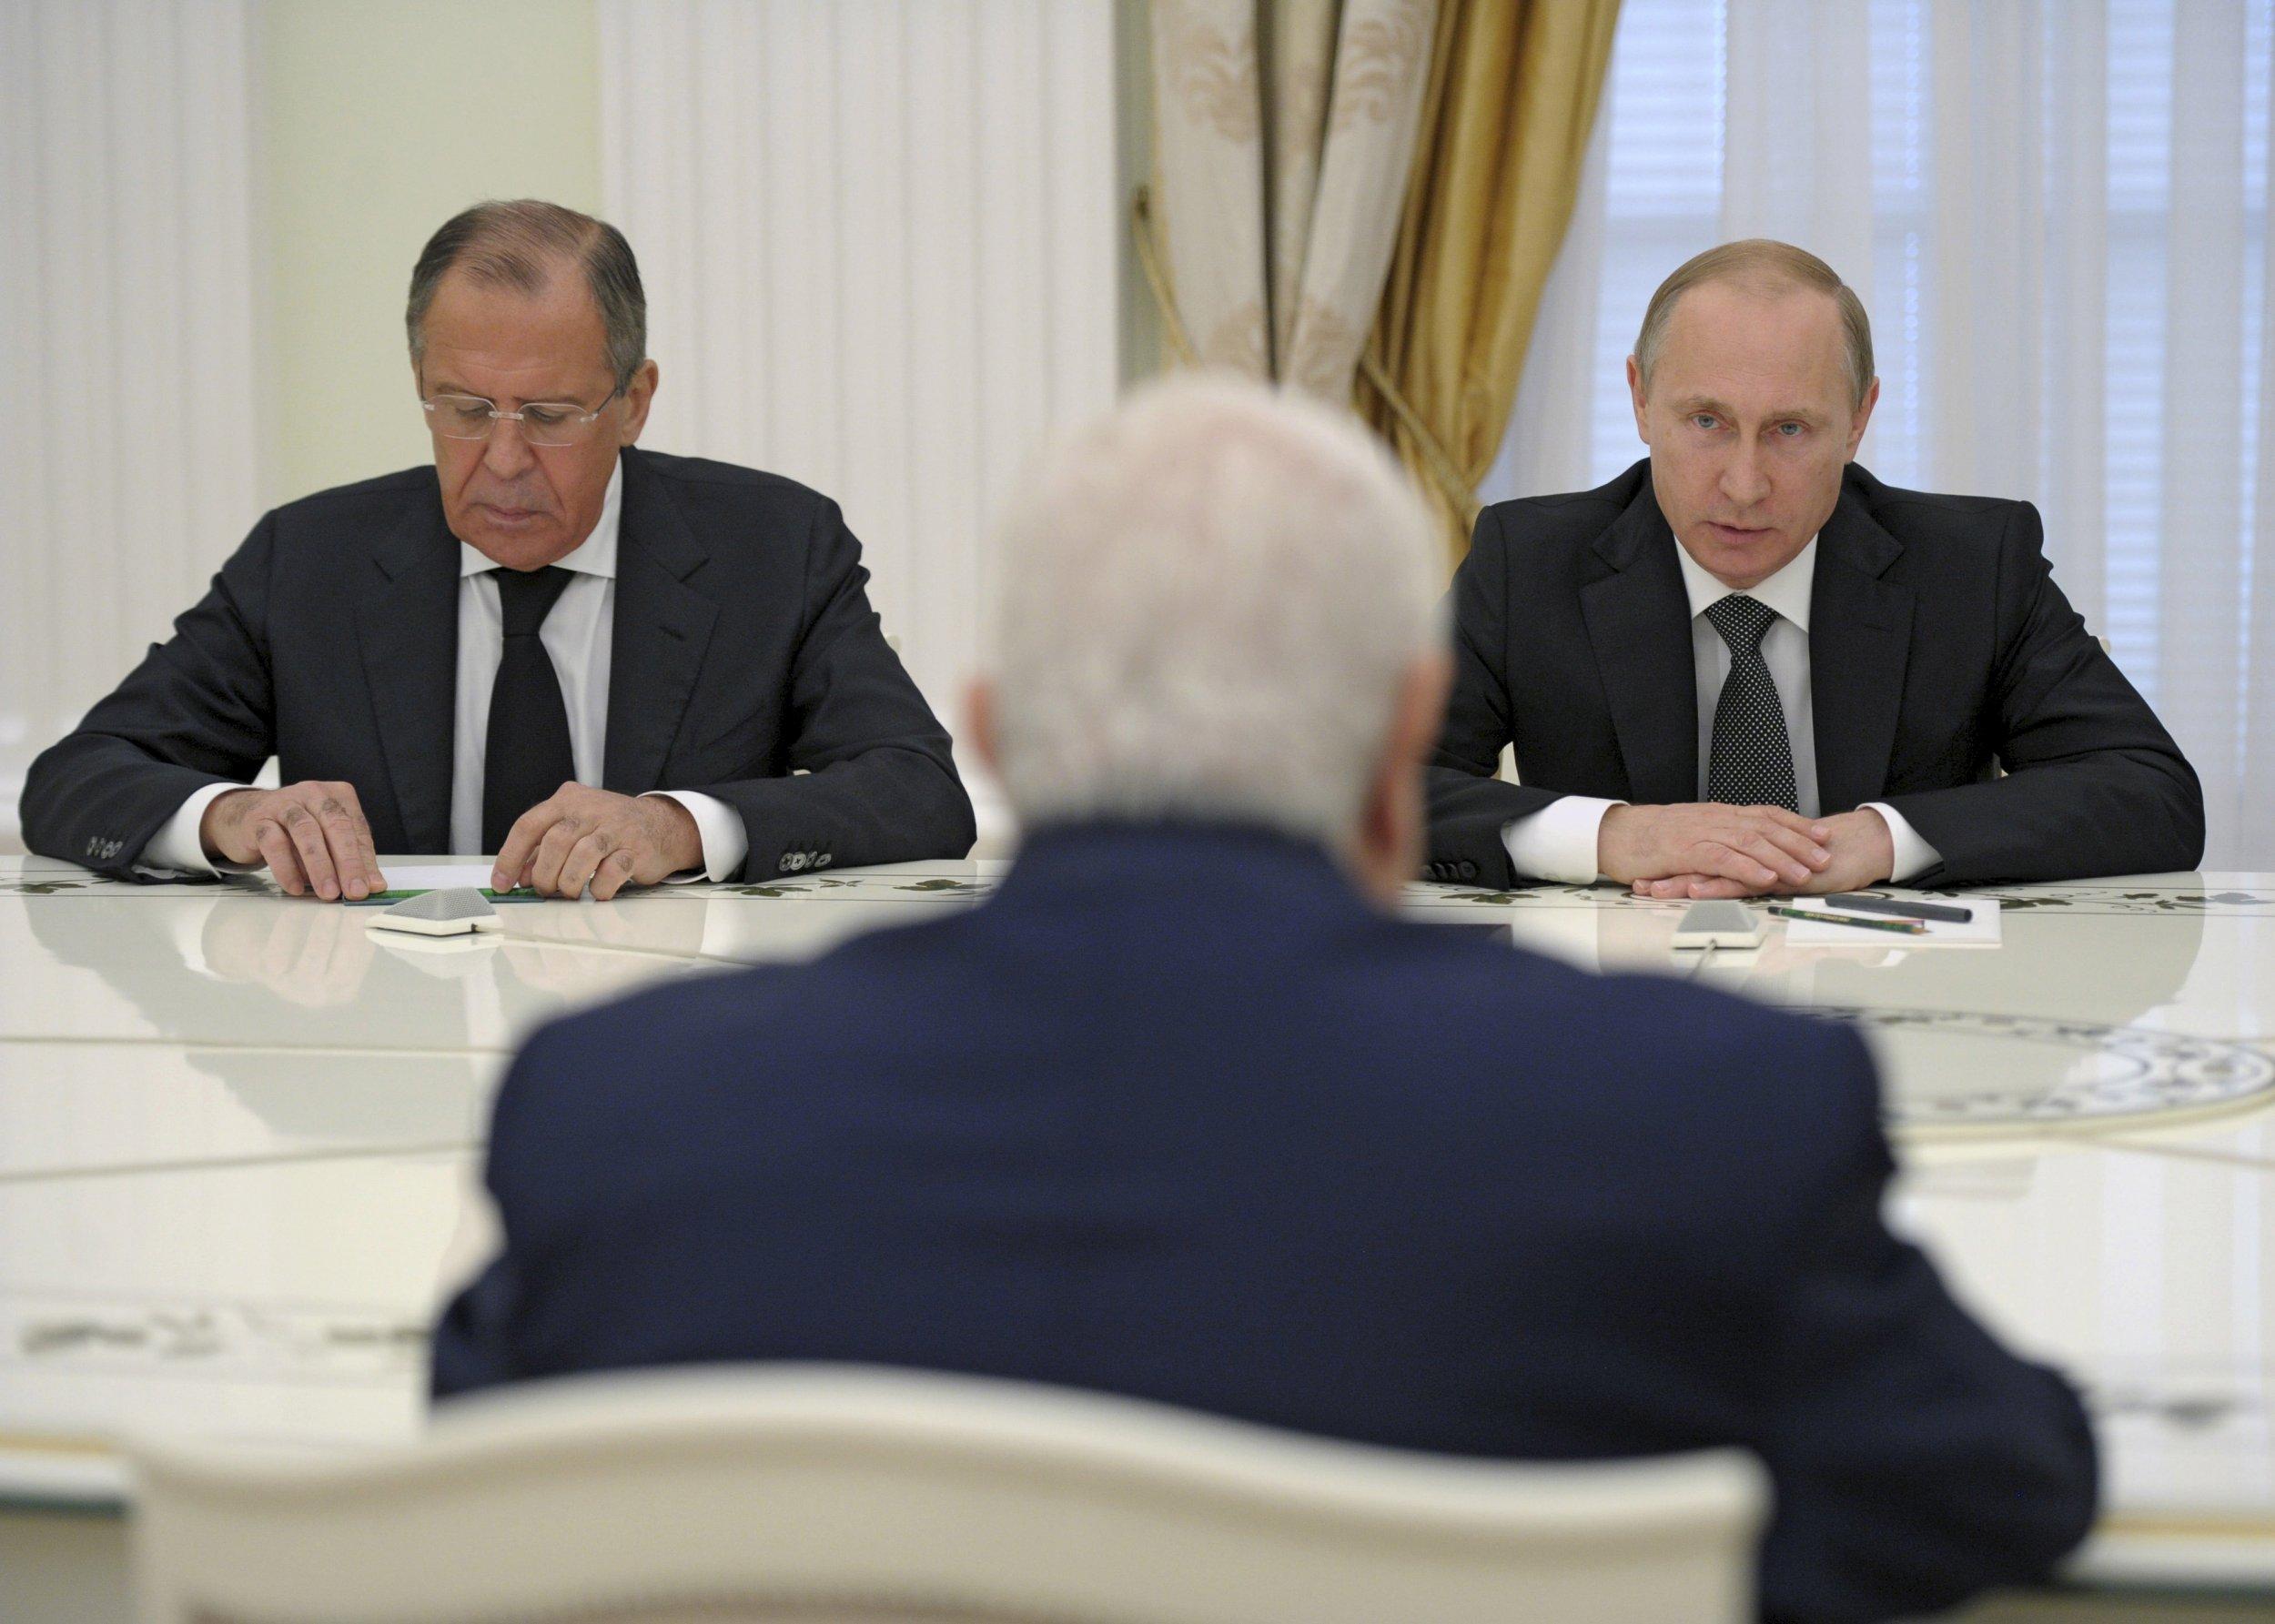 09_03_PutinSyria_01